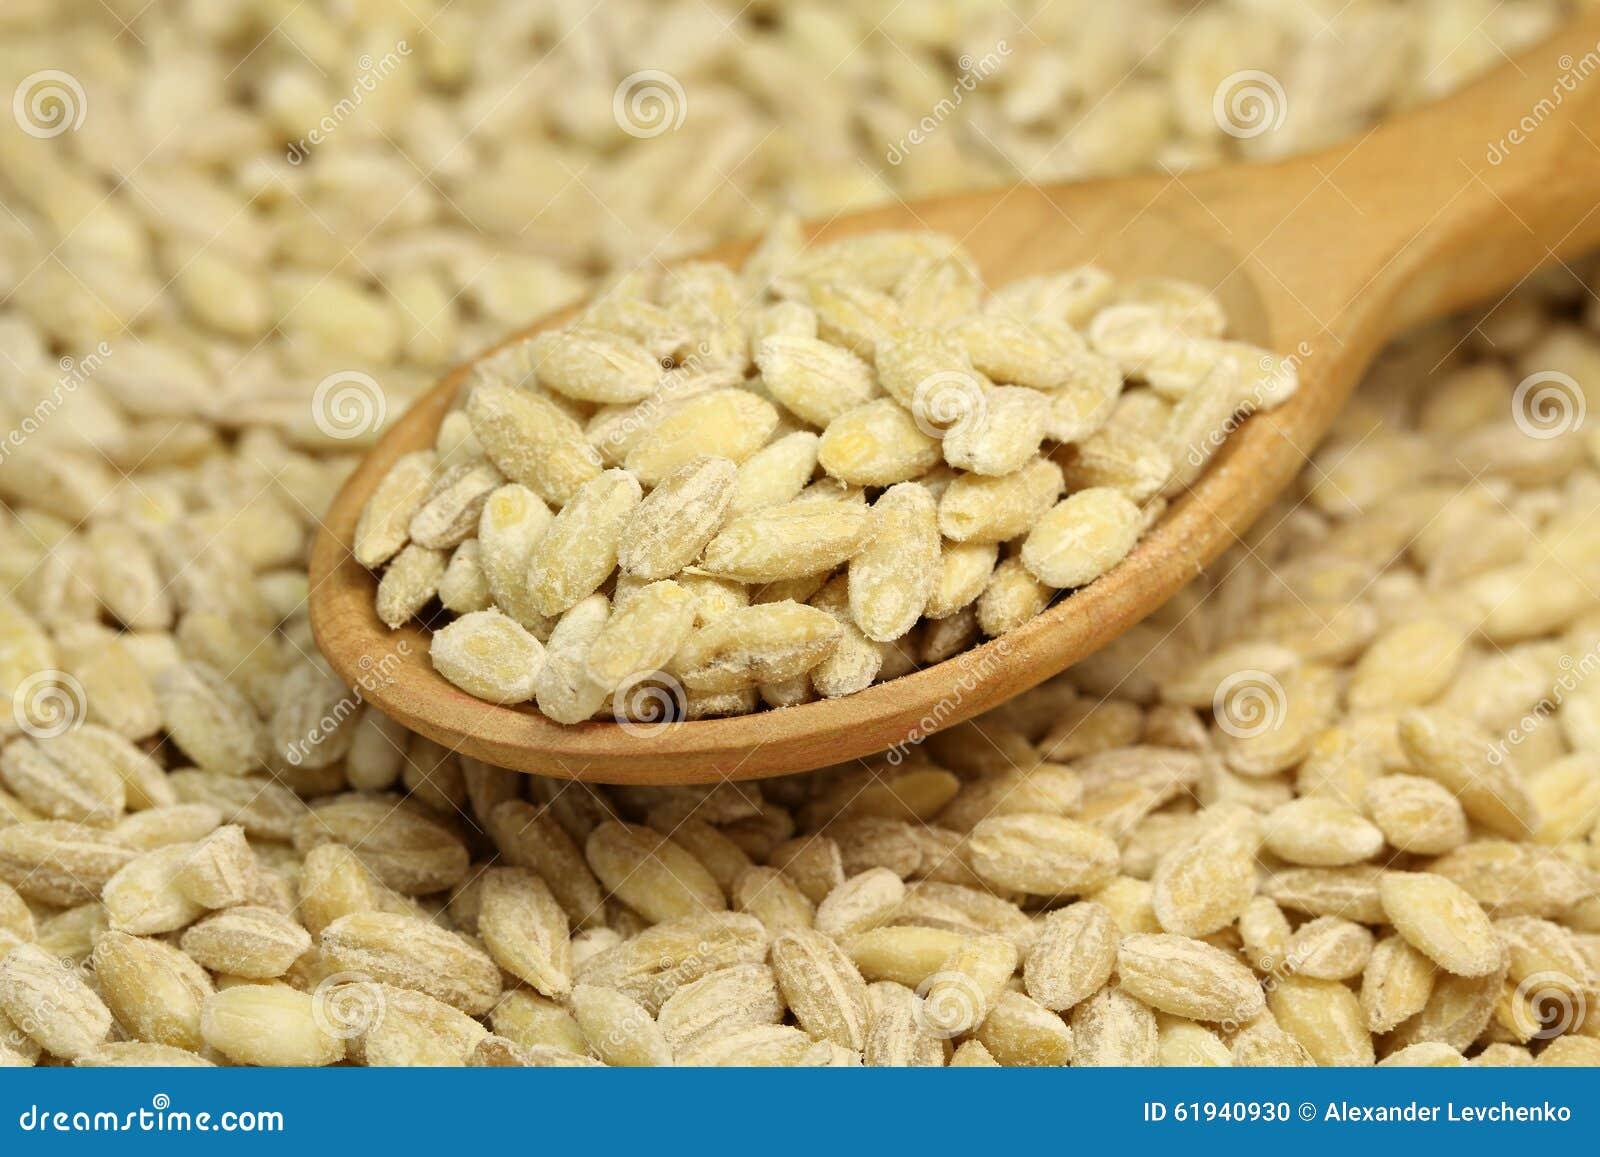 Grain barley in wooden spoon